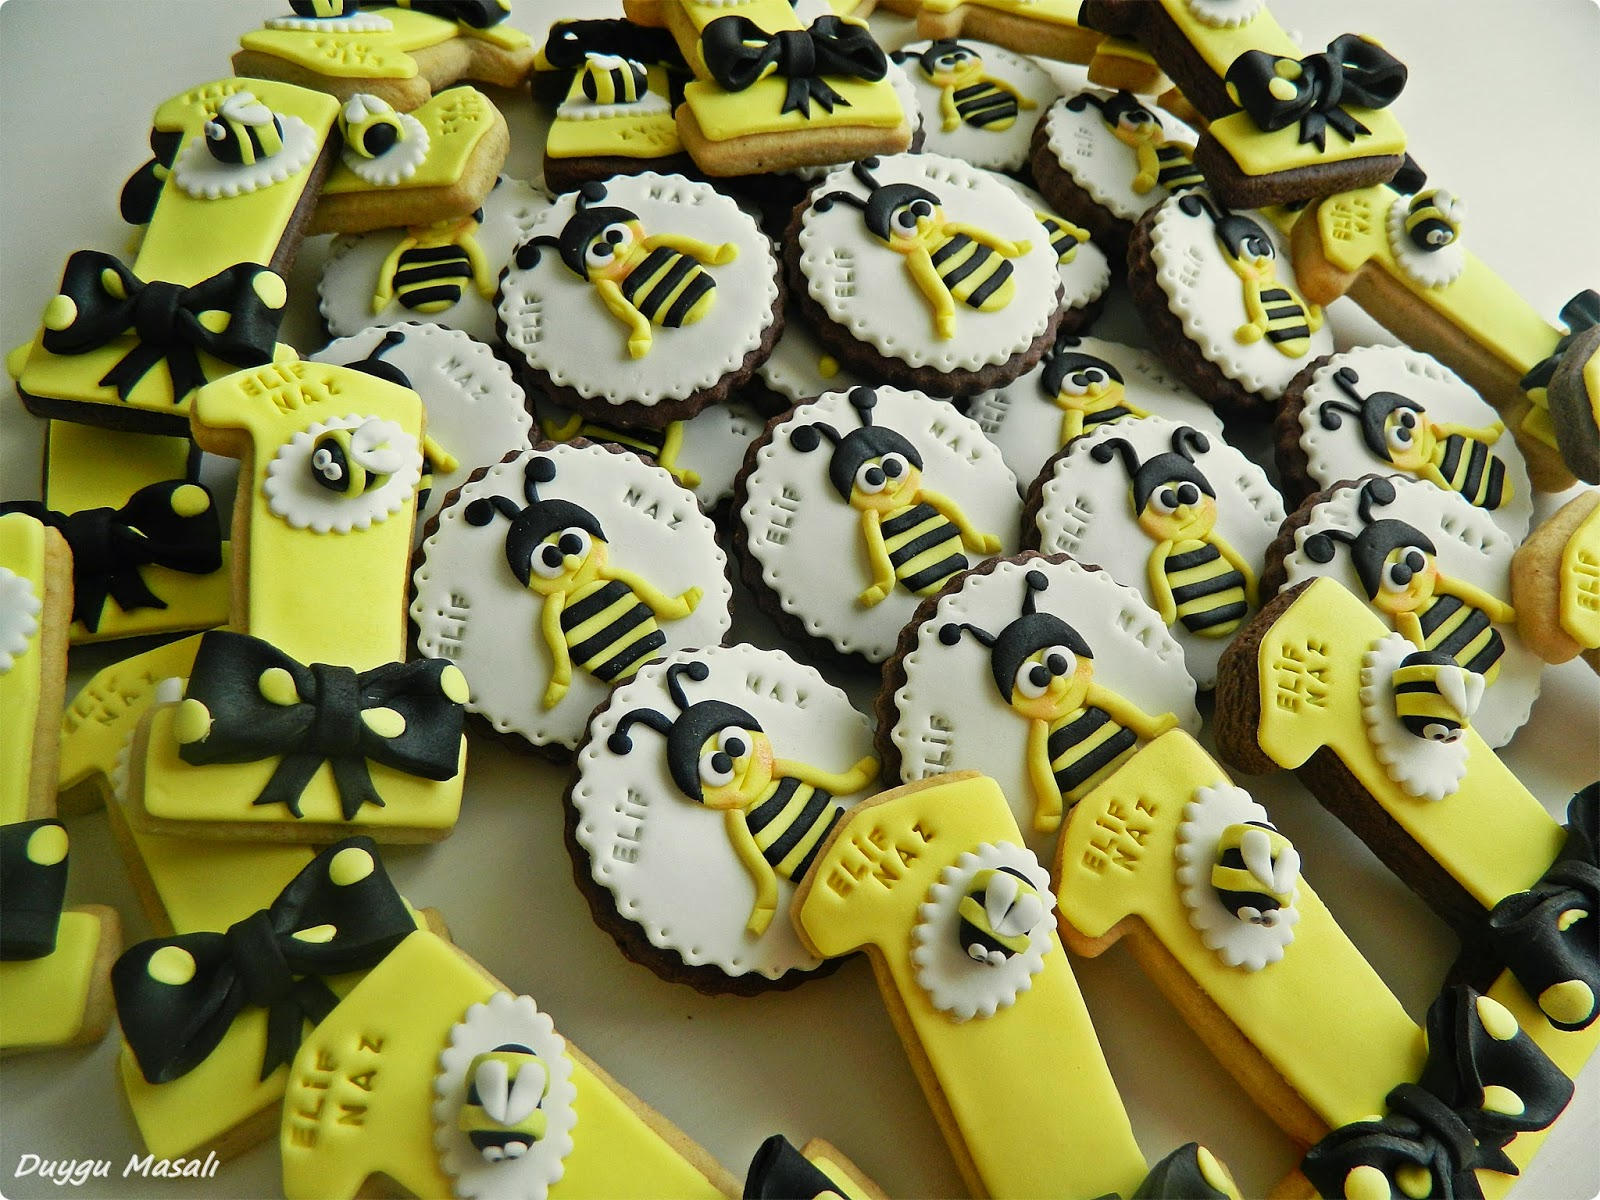 edirne arı maya butik kurabiye